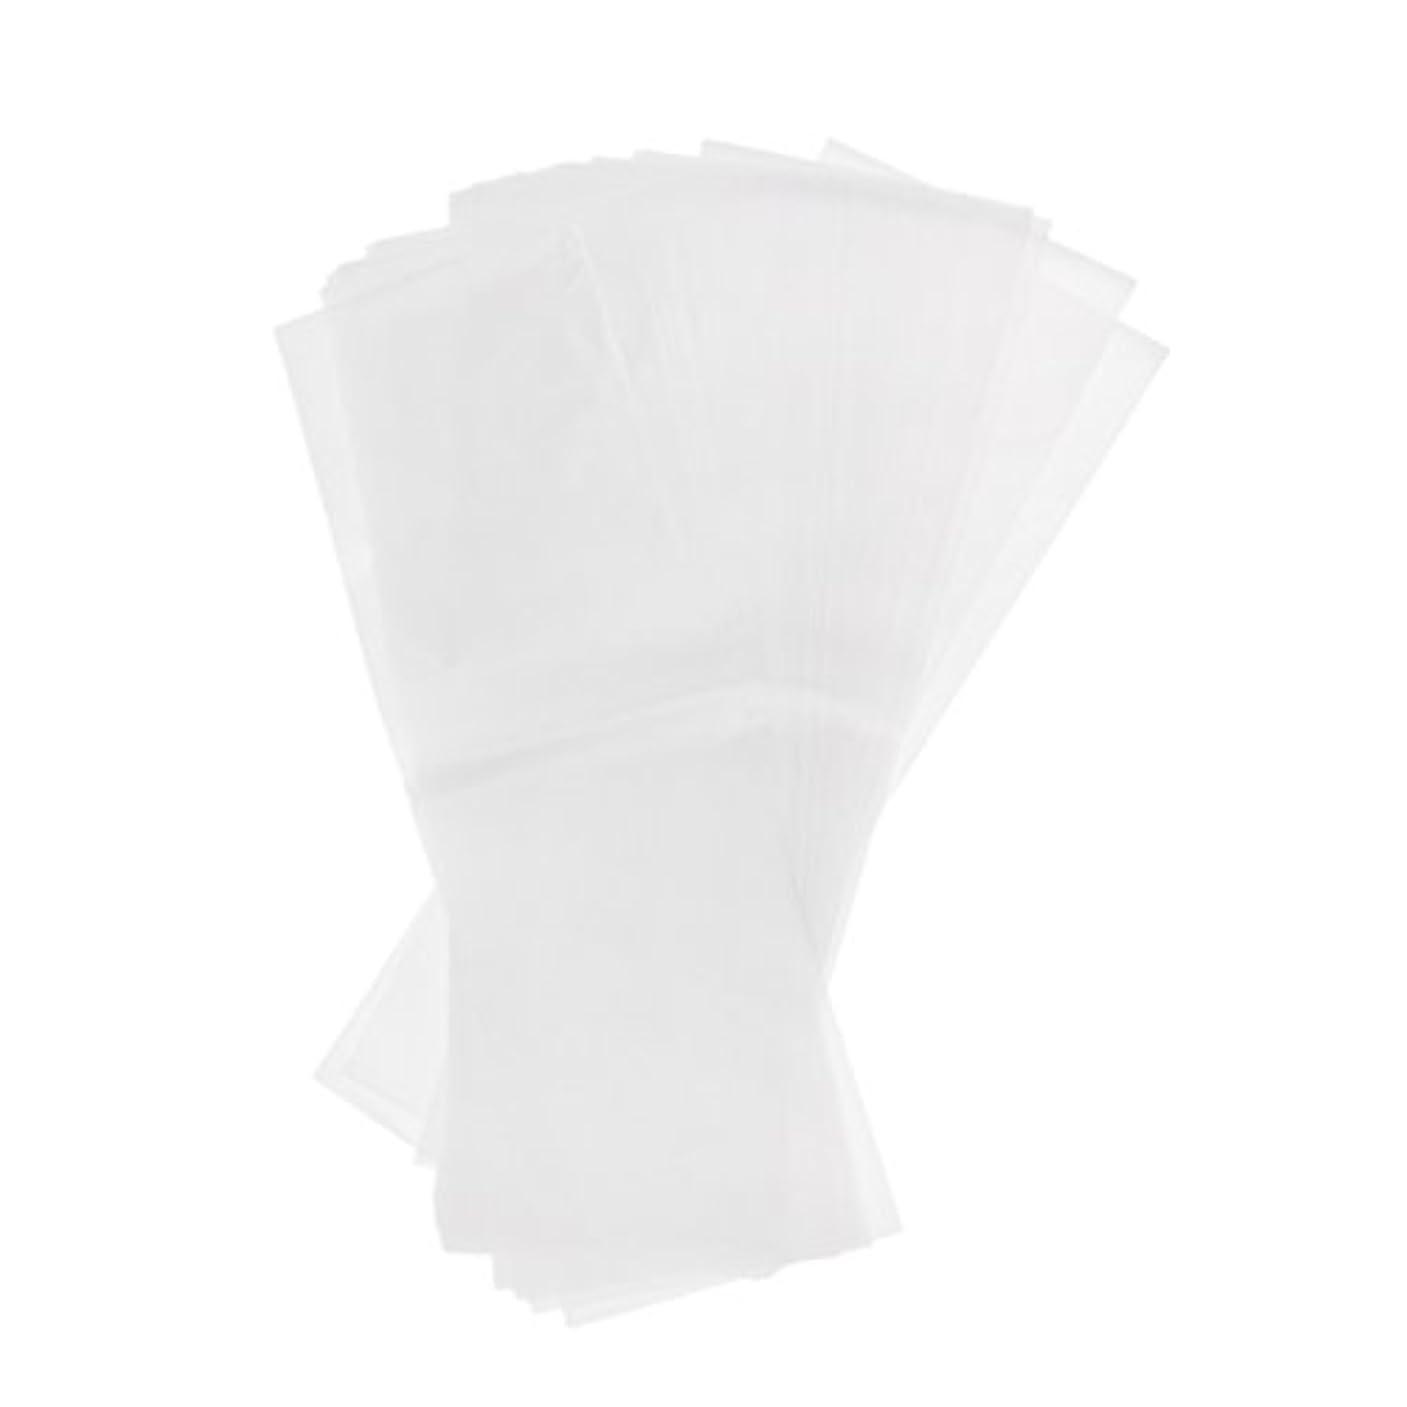 教義寄稿者リラックスヘアカラー 毛染め 分版用紙 ハイライトシート 毛染め紙 再利用可能な 透明 2仕様選べ - ホワイト